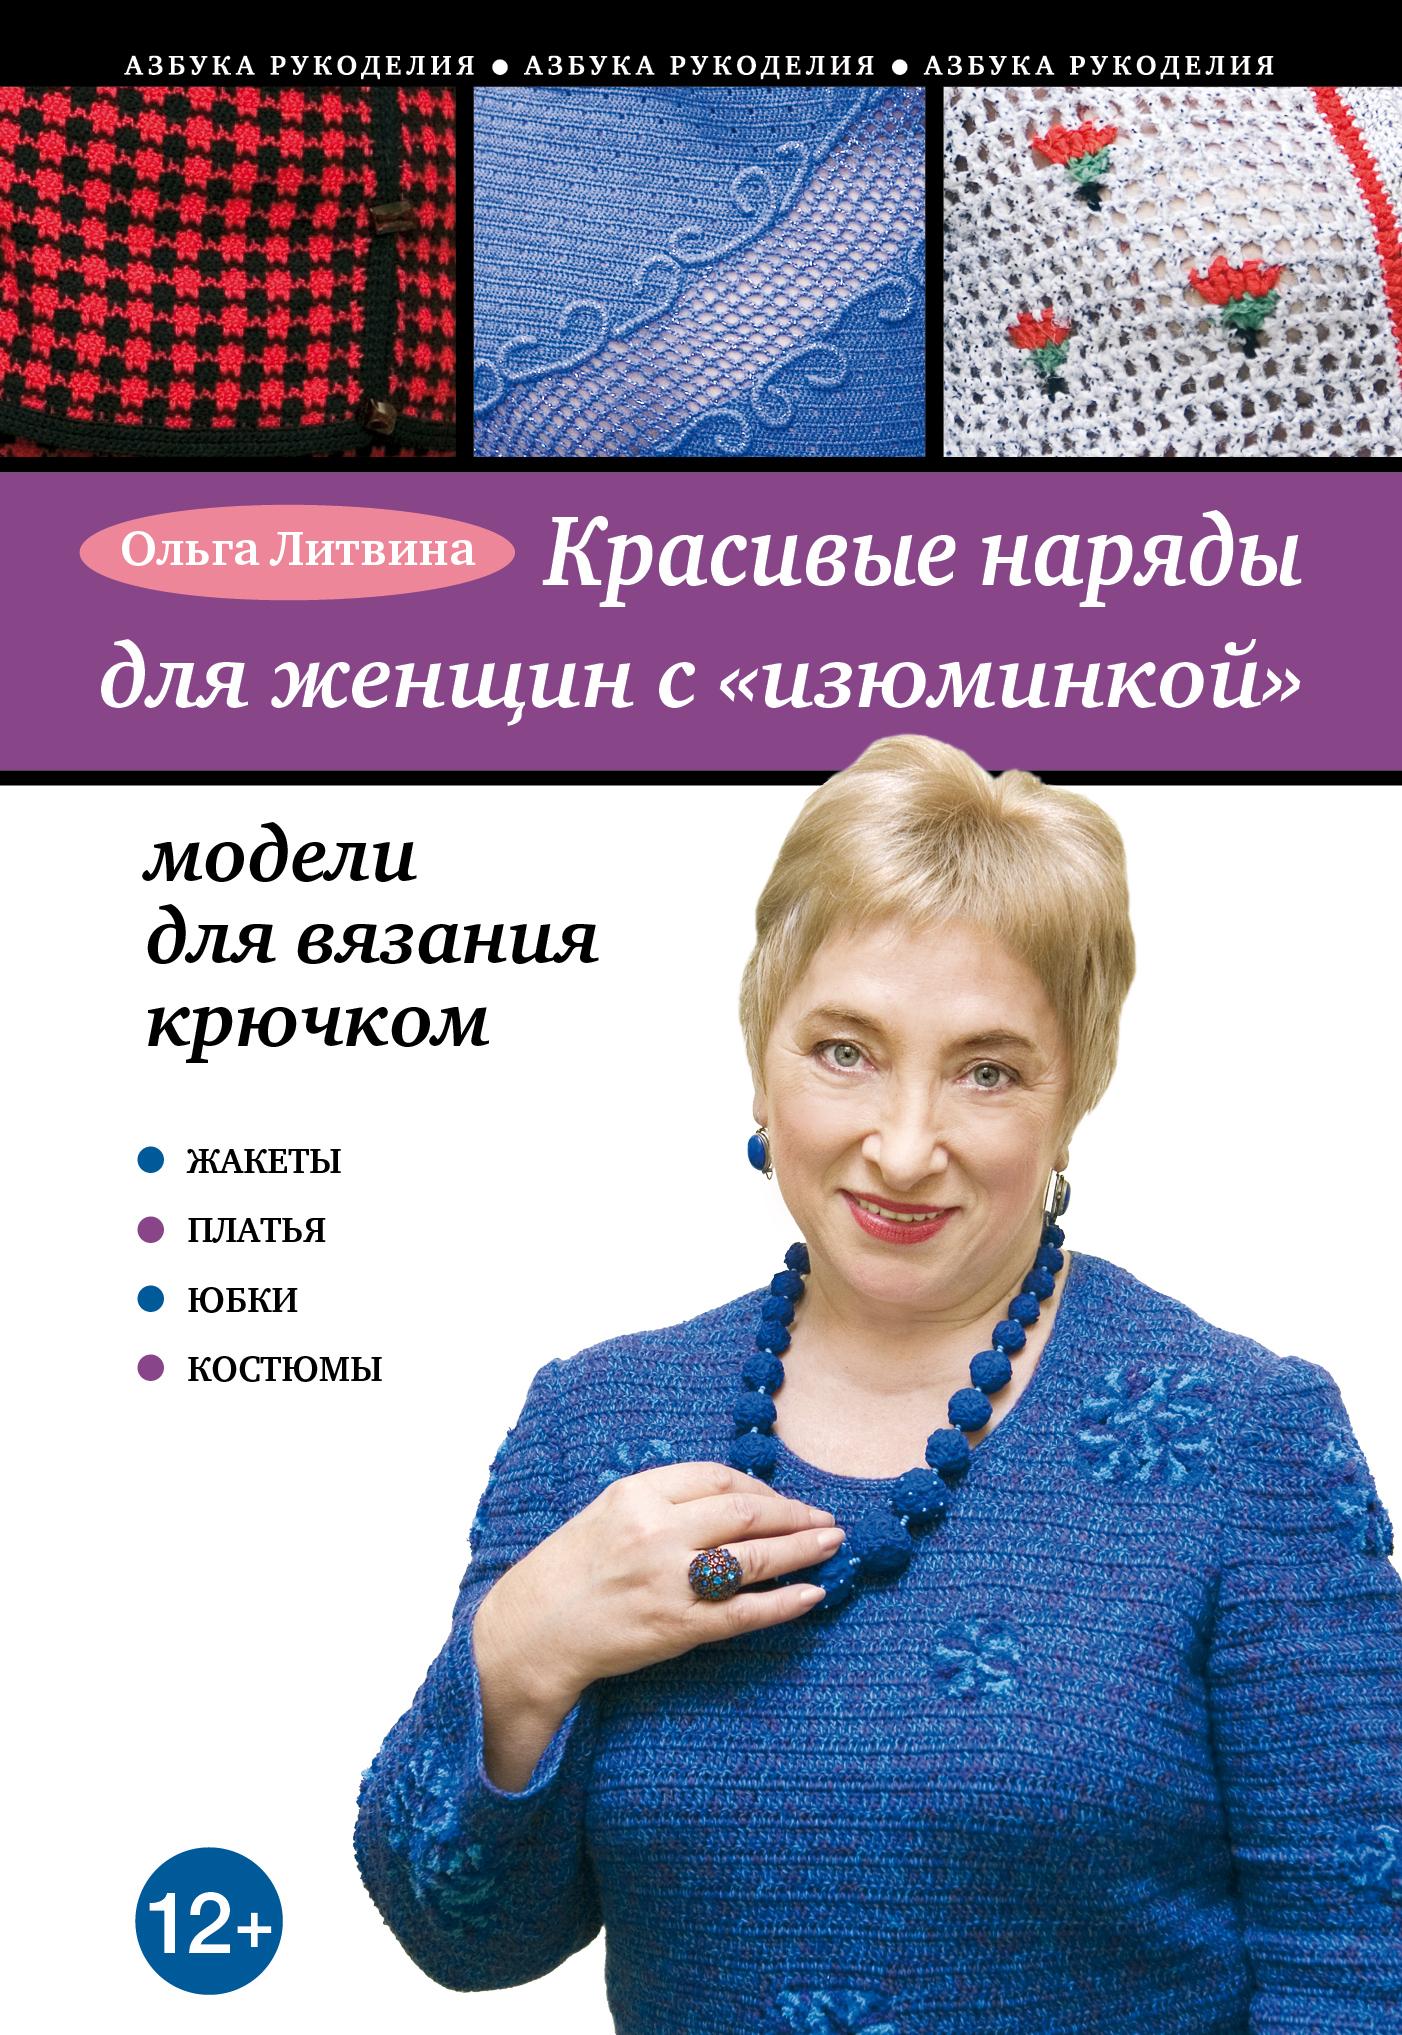 Литвина О.С. Красивые наряды для женщин с изюминкой: модели для вязания крючком